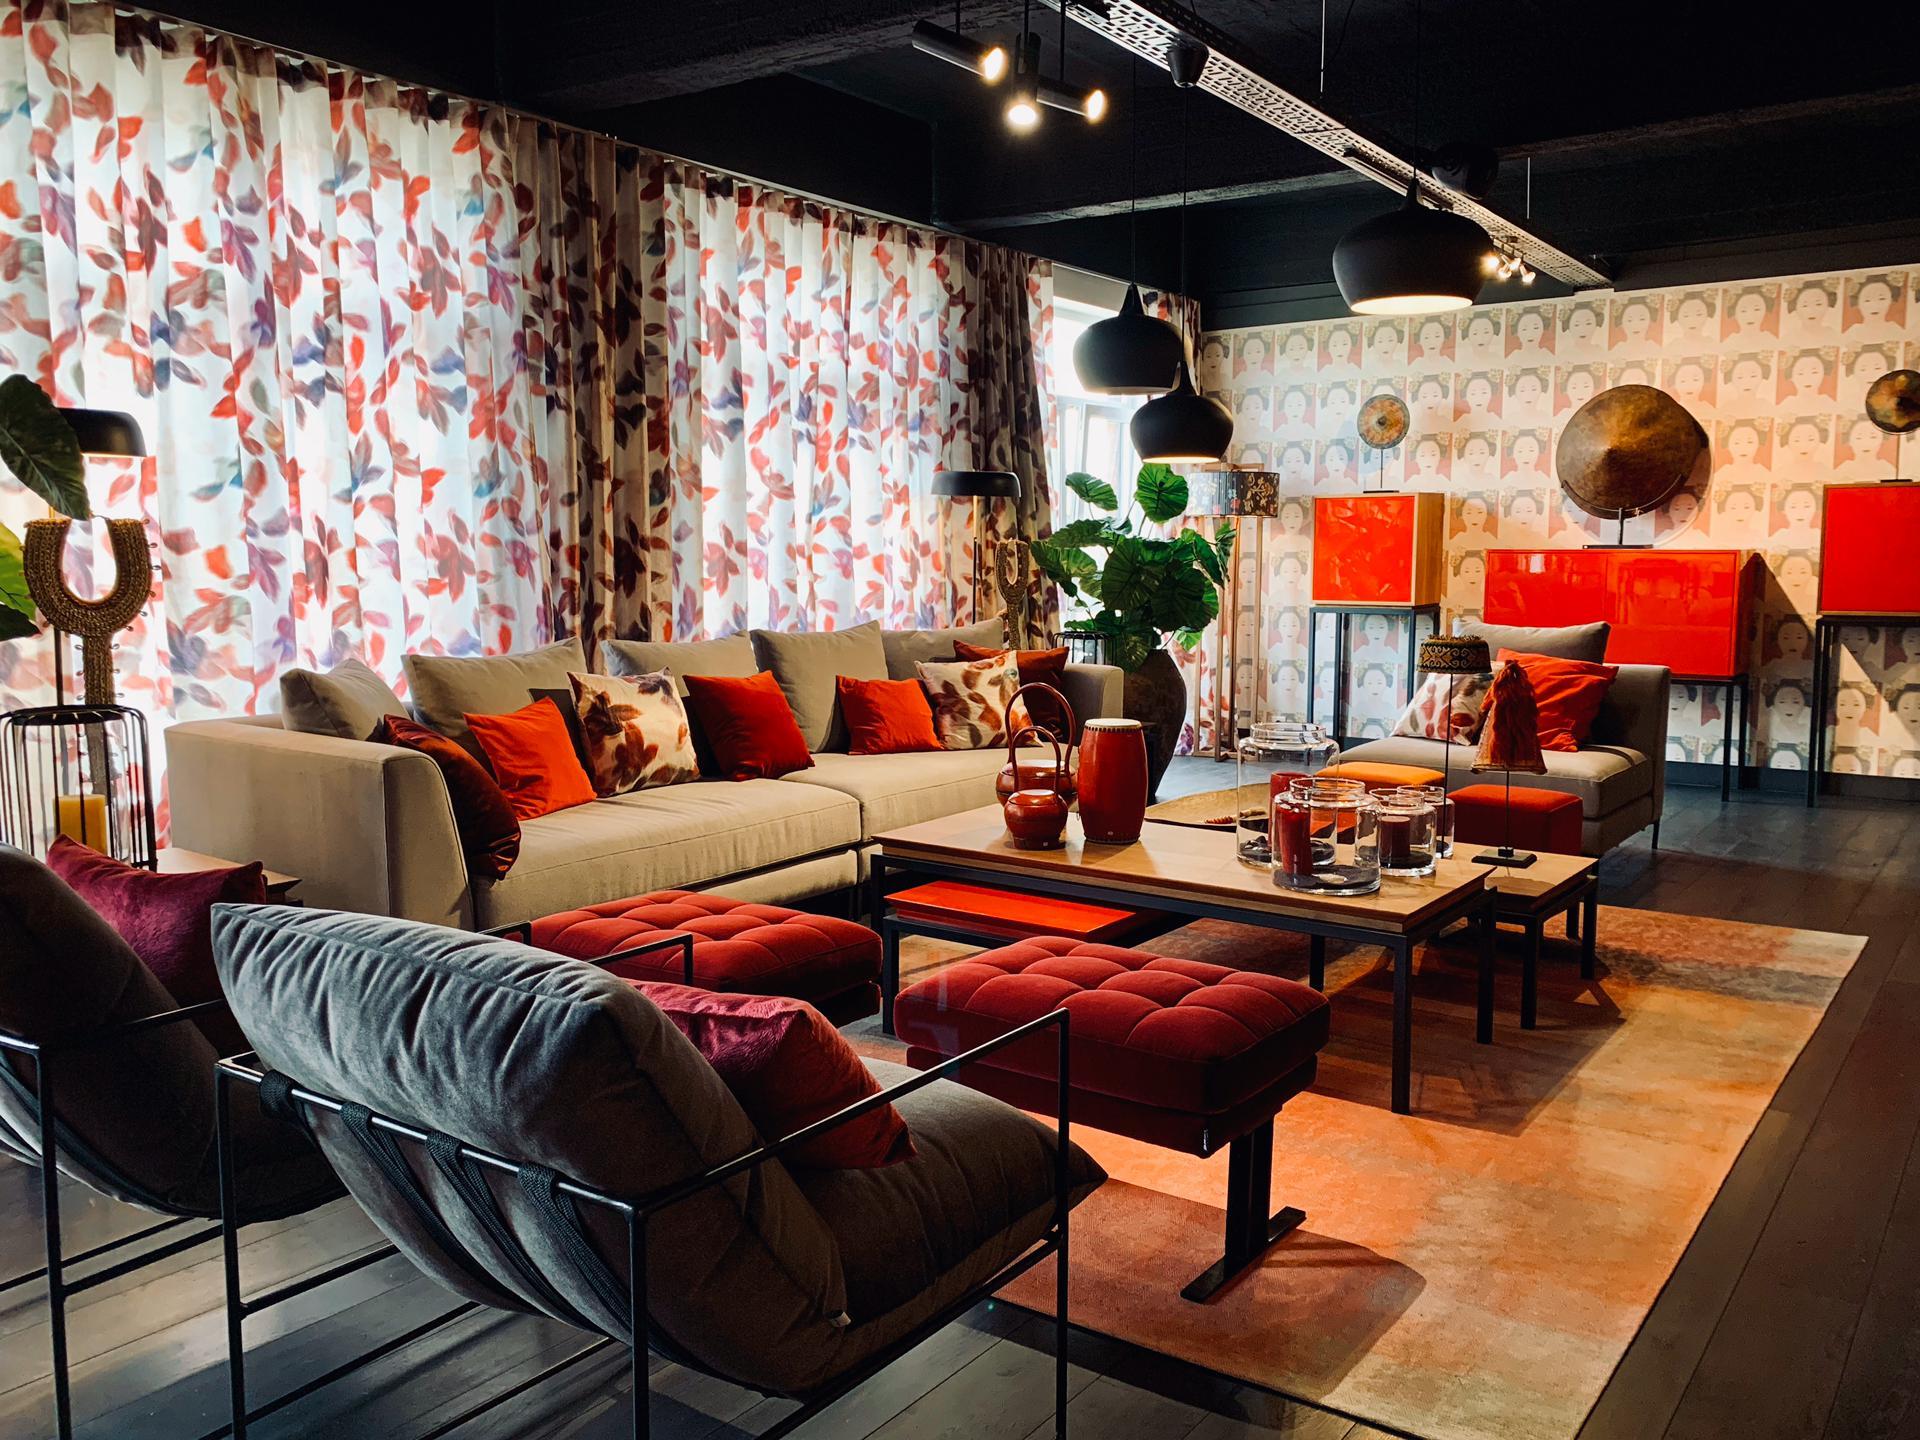 Salon décoration intérieure, salon rouge et noir, haut-de-gamme luxe, jn interiors, jour et nuit liege verviers